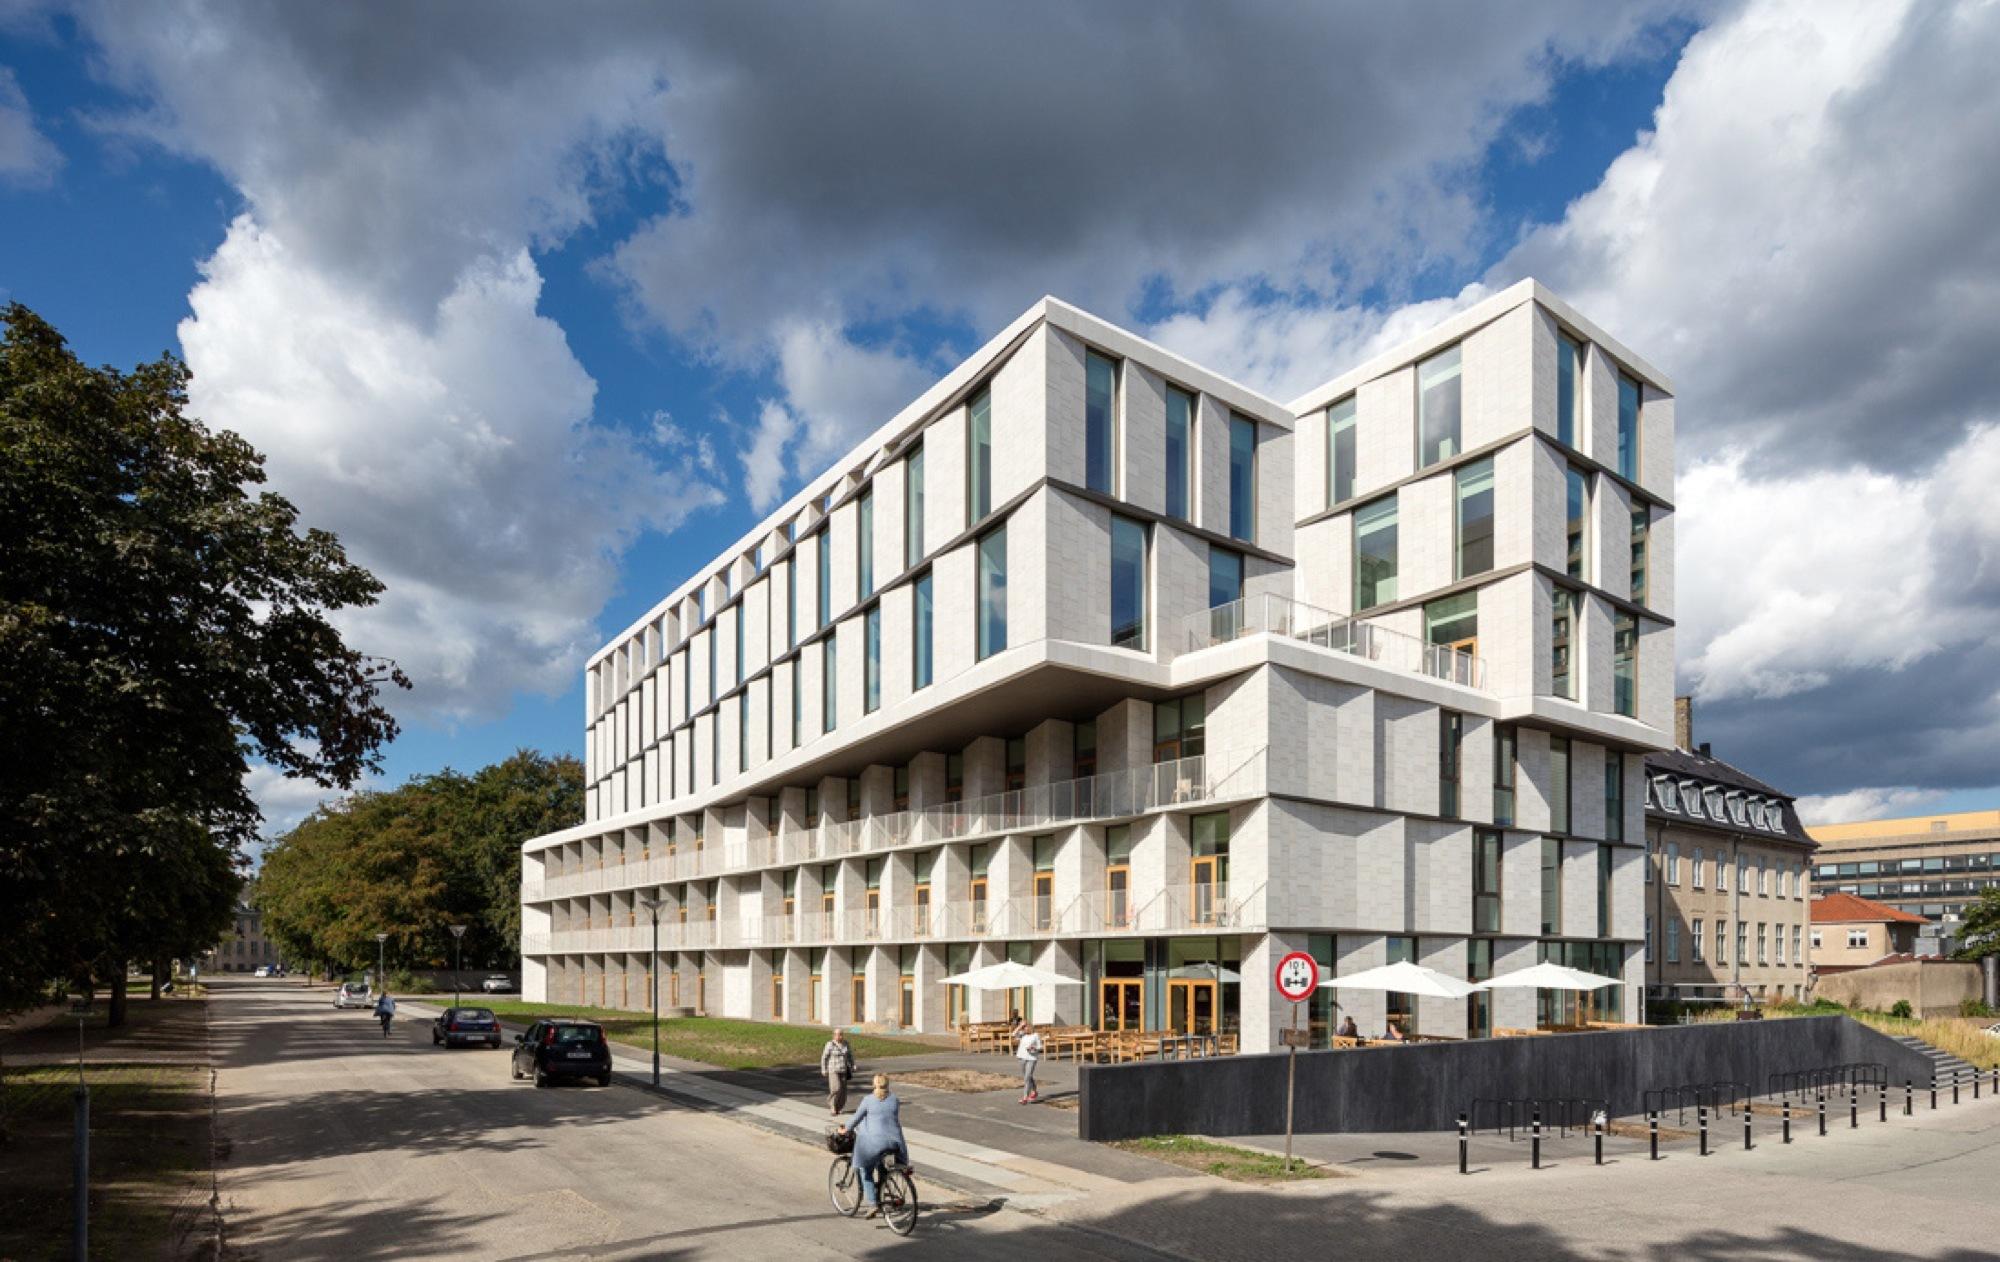 Hotel Copenhagen Denmark Architecture